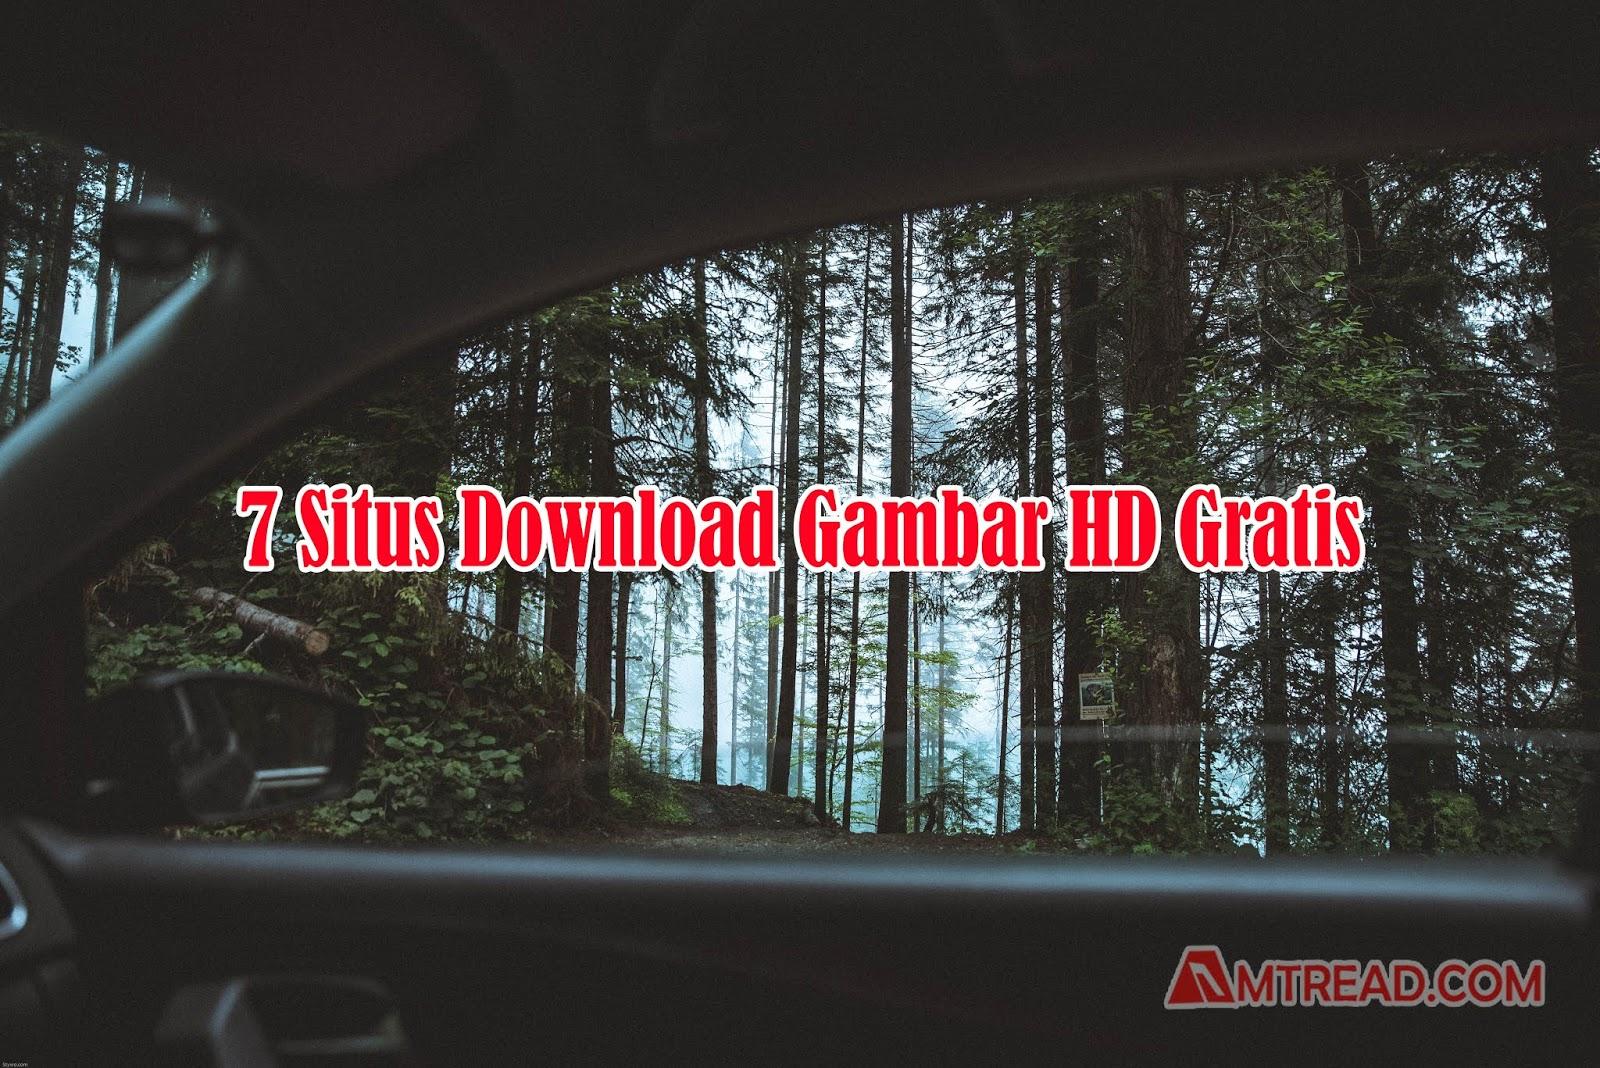 7 Situs Download Gambar Gratis